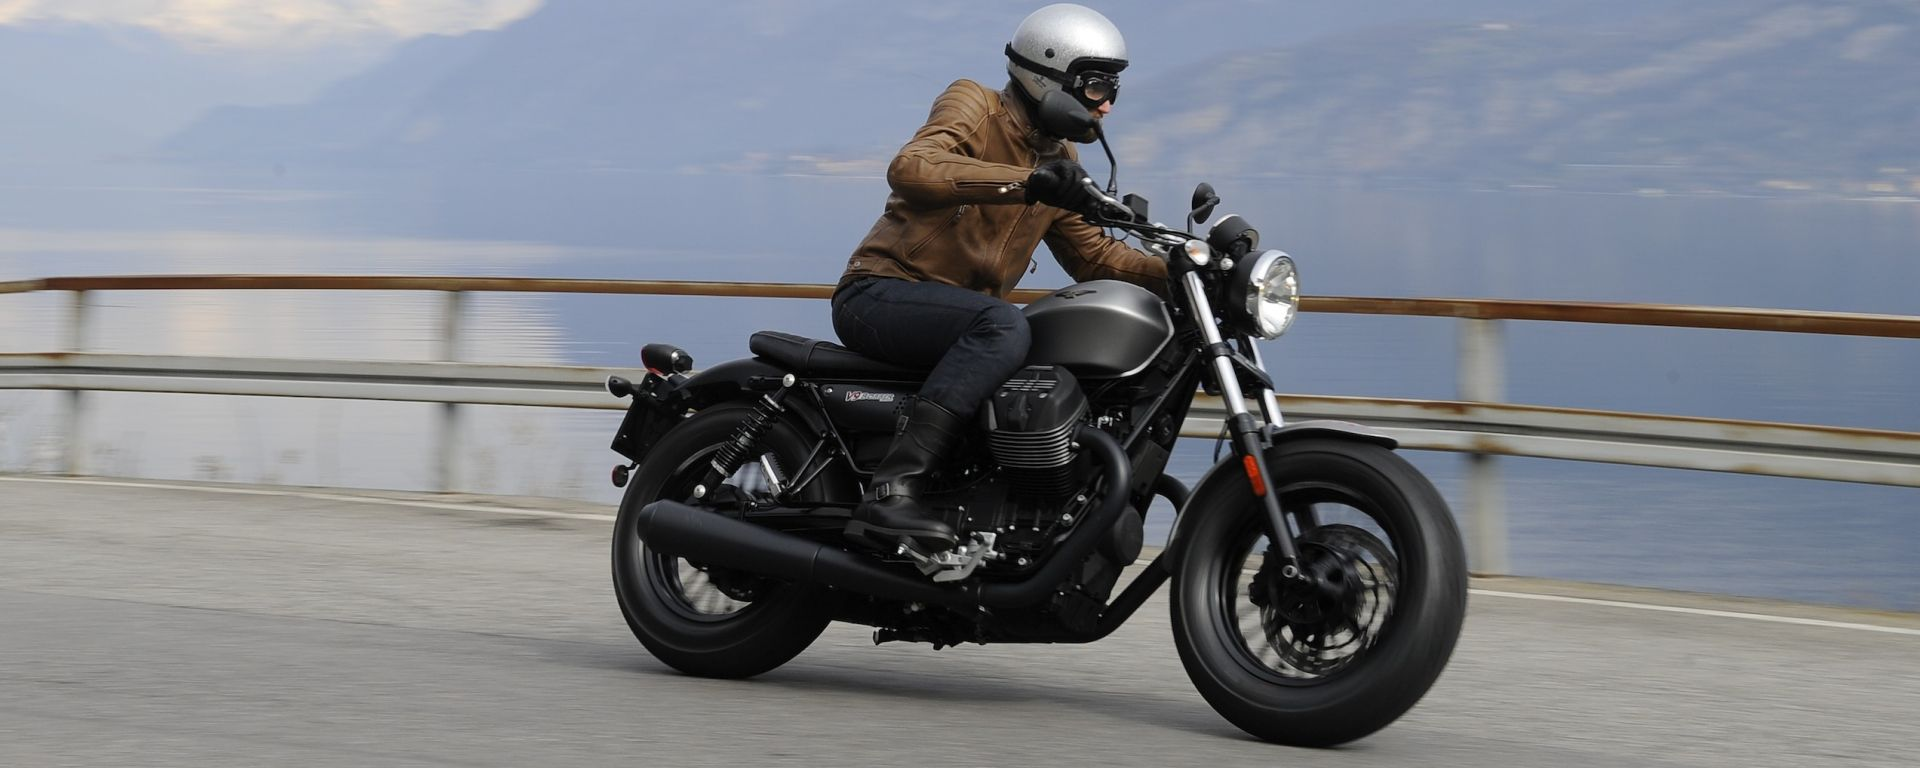 Moto Guzzi V9 Bobber e Roamer